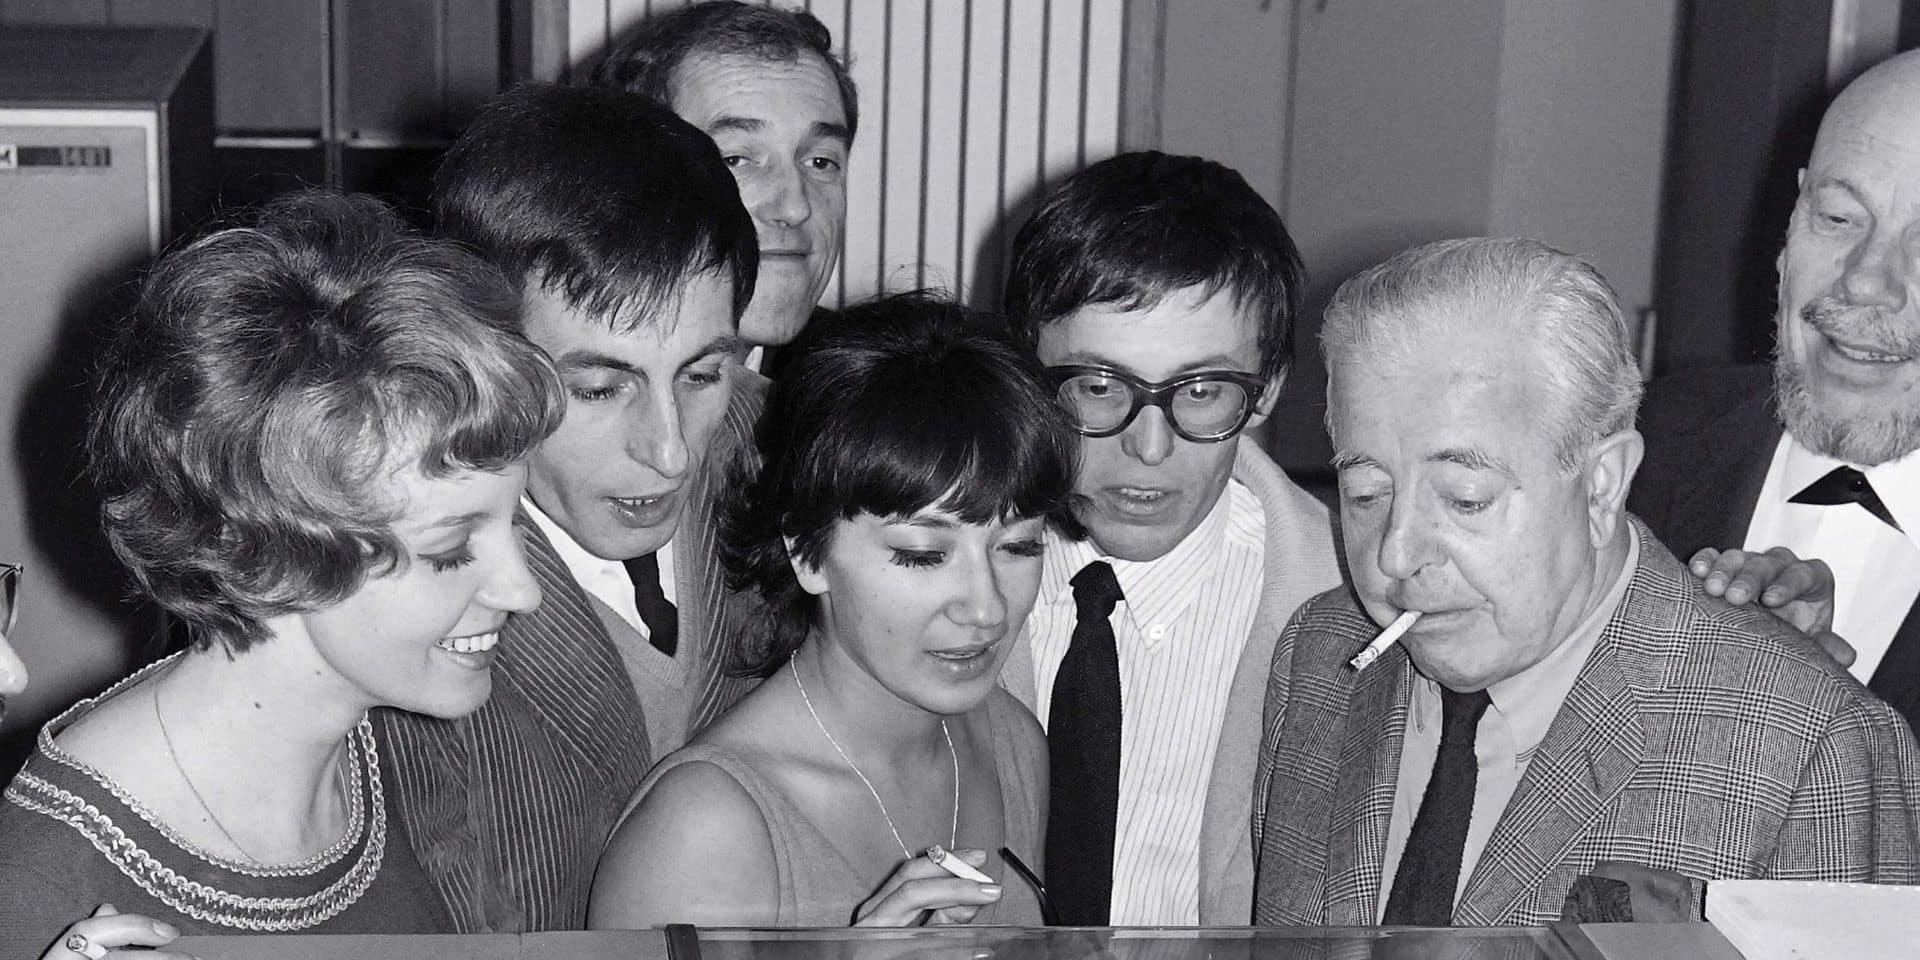 Il avait lancé la carrière de Coluche, Balasko et Anémone: Romain Bouteille s'est éteint à 84 ans